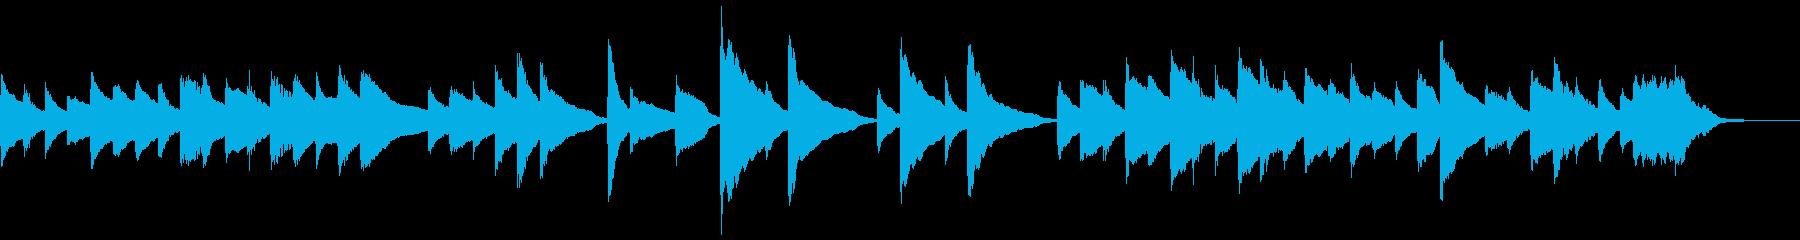 【悲壮感】30秒ピアノソロの再生済みの波形